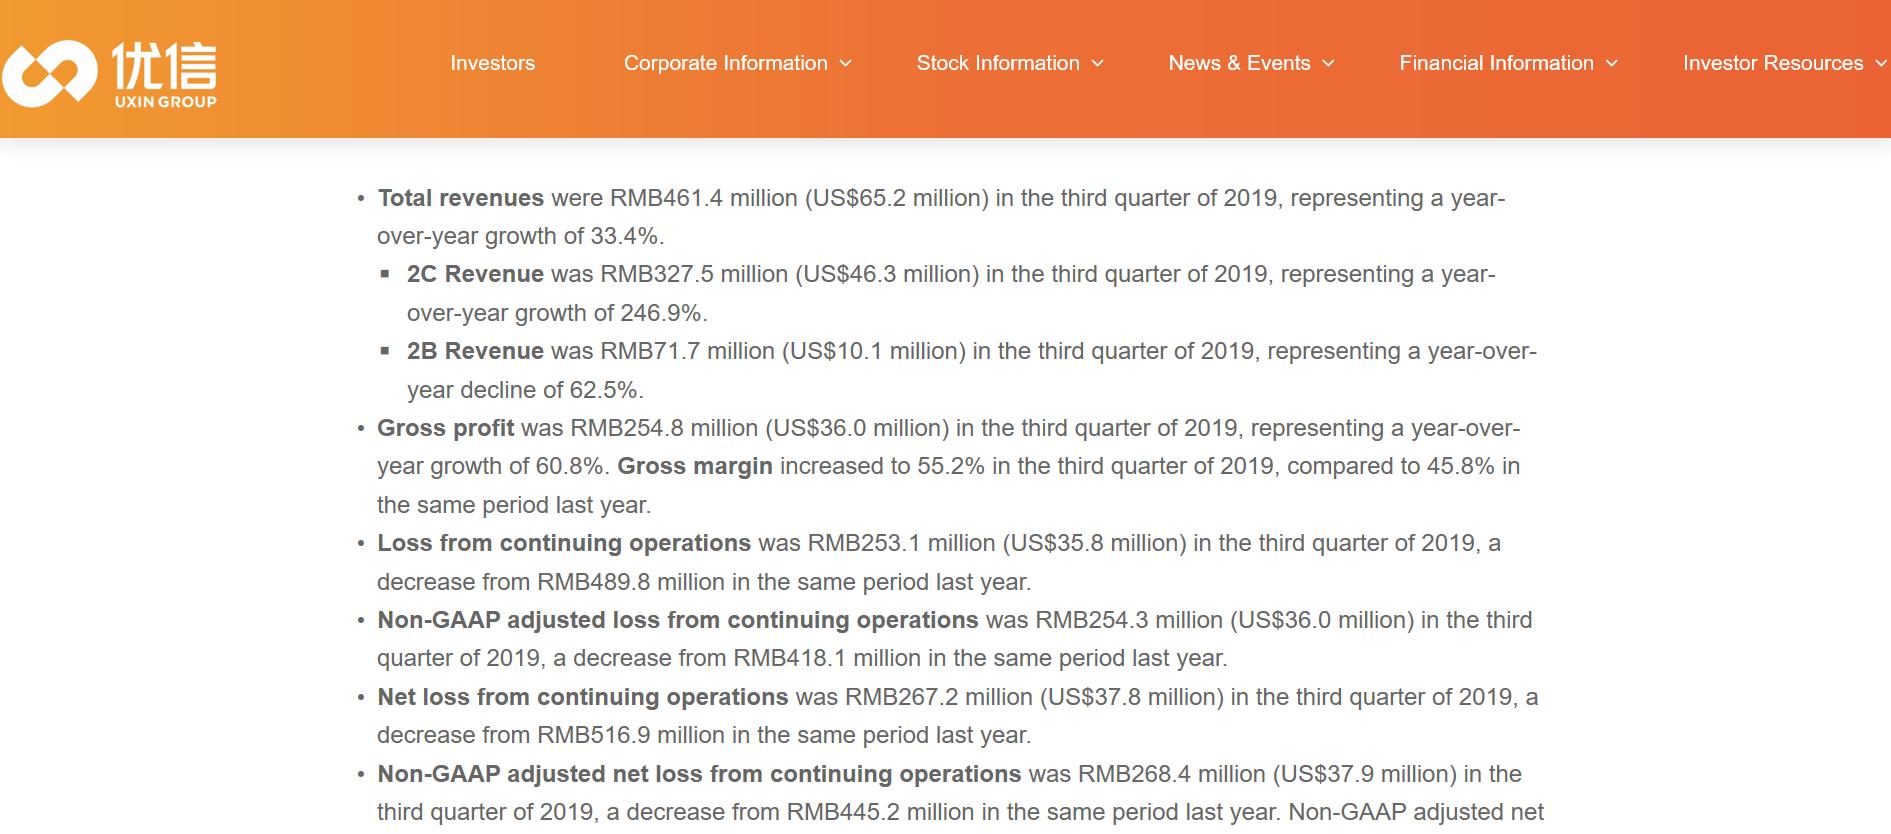 优信第三季度总营收达到4.61亿元